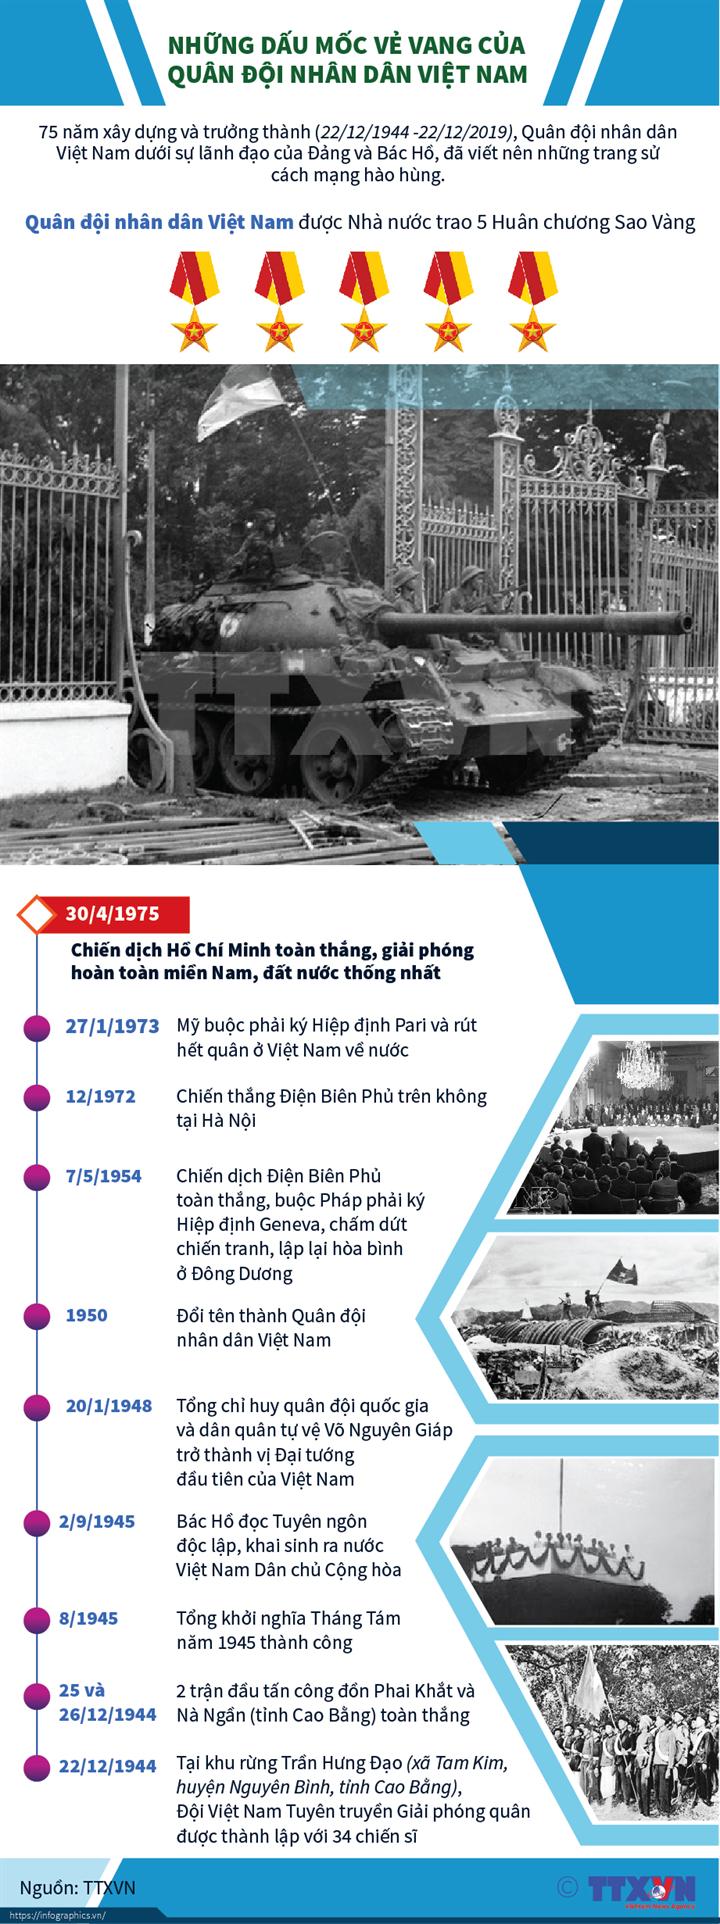 Những dấu mốc vẻ vang của Quân đội nhân dân Việt Nam